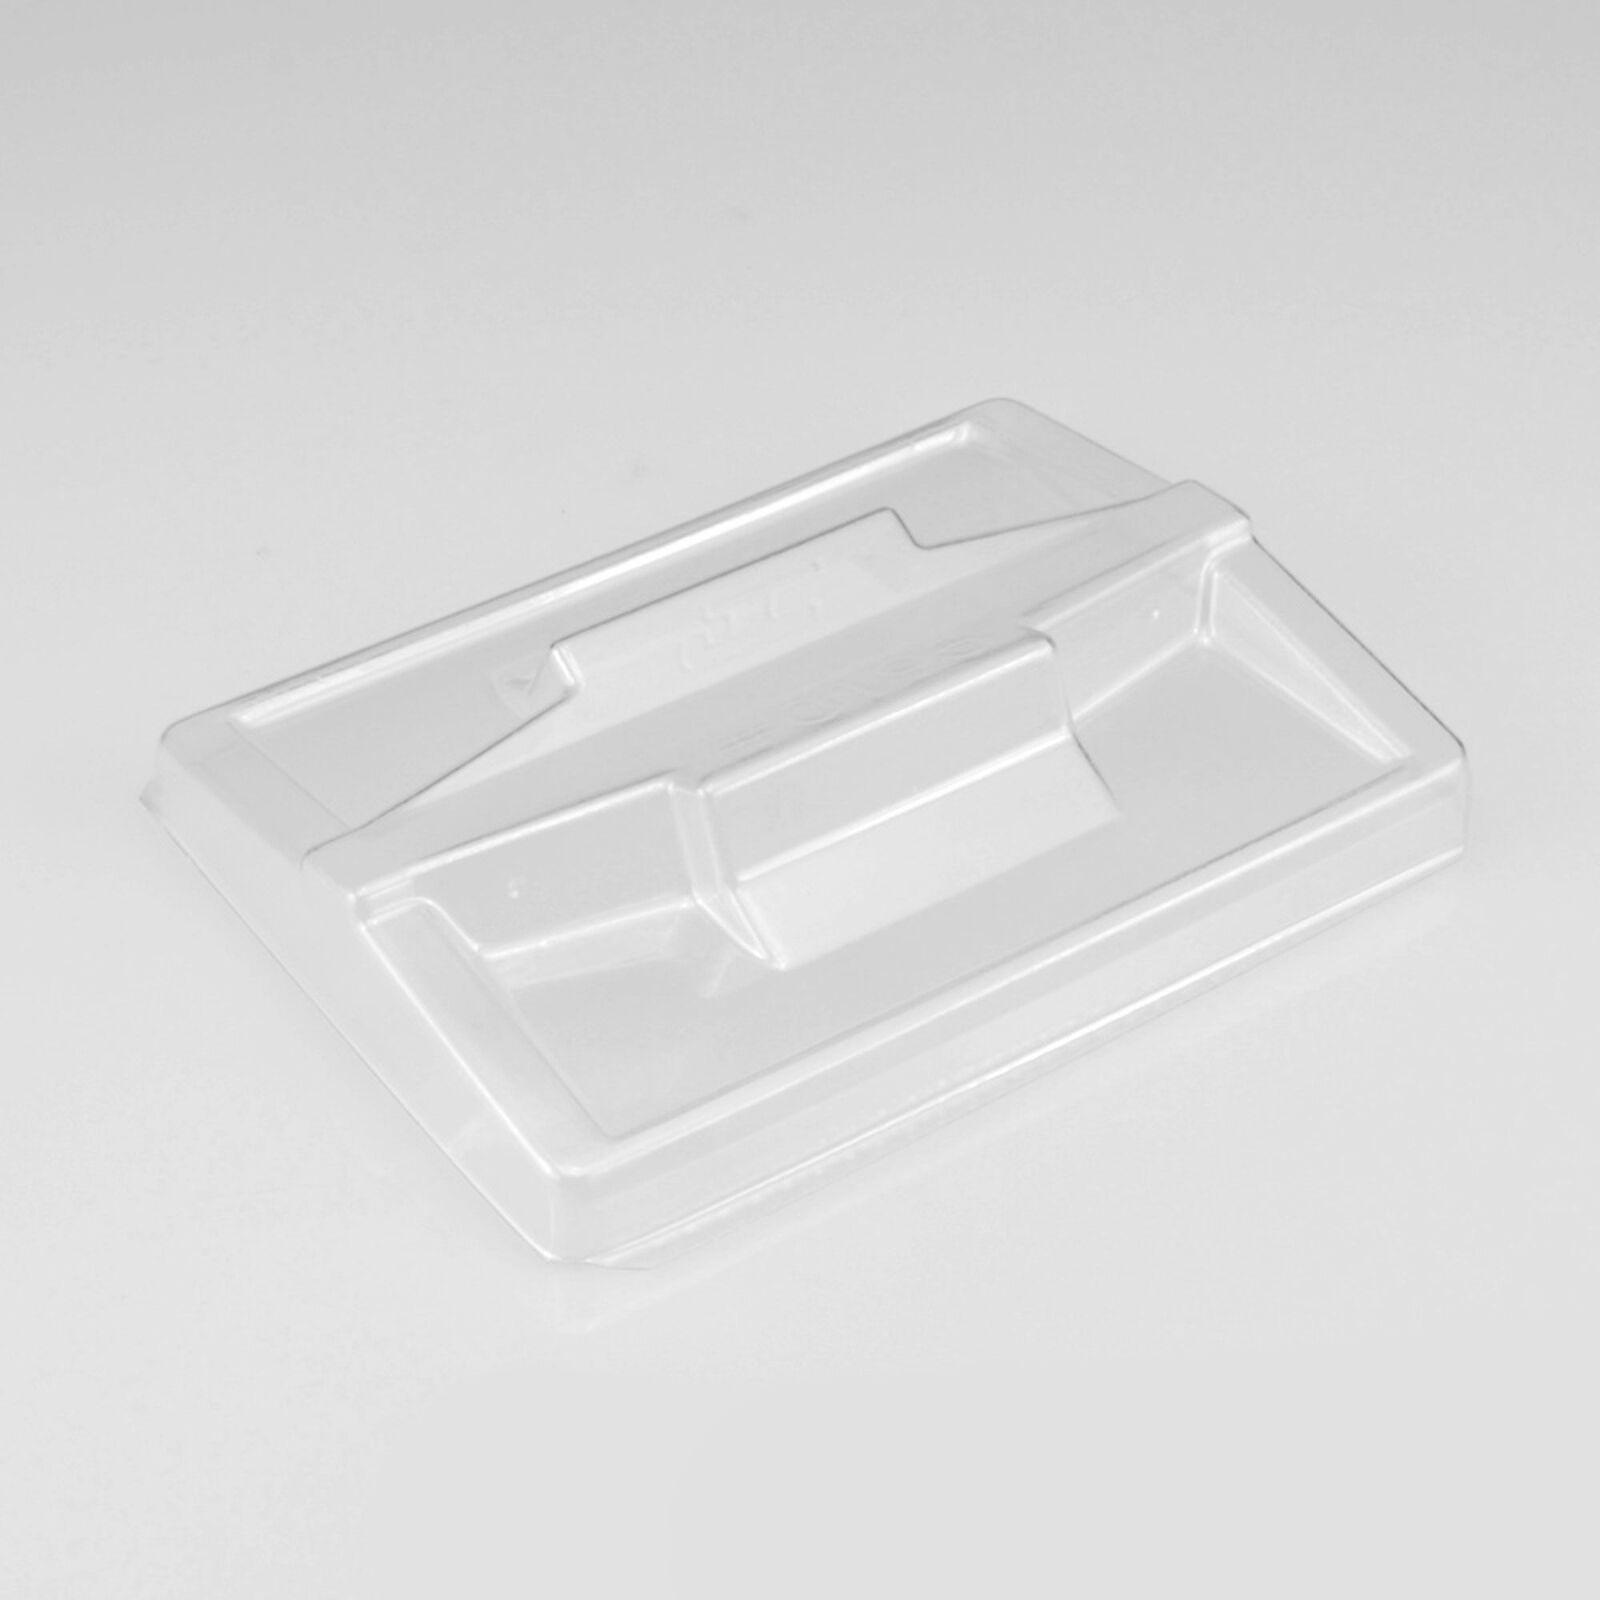 1/10 F2 Clear Body Spoiler (2): T6.1